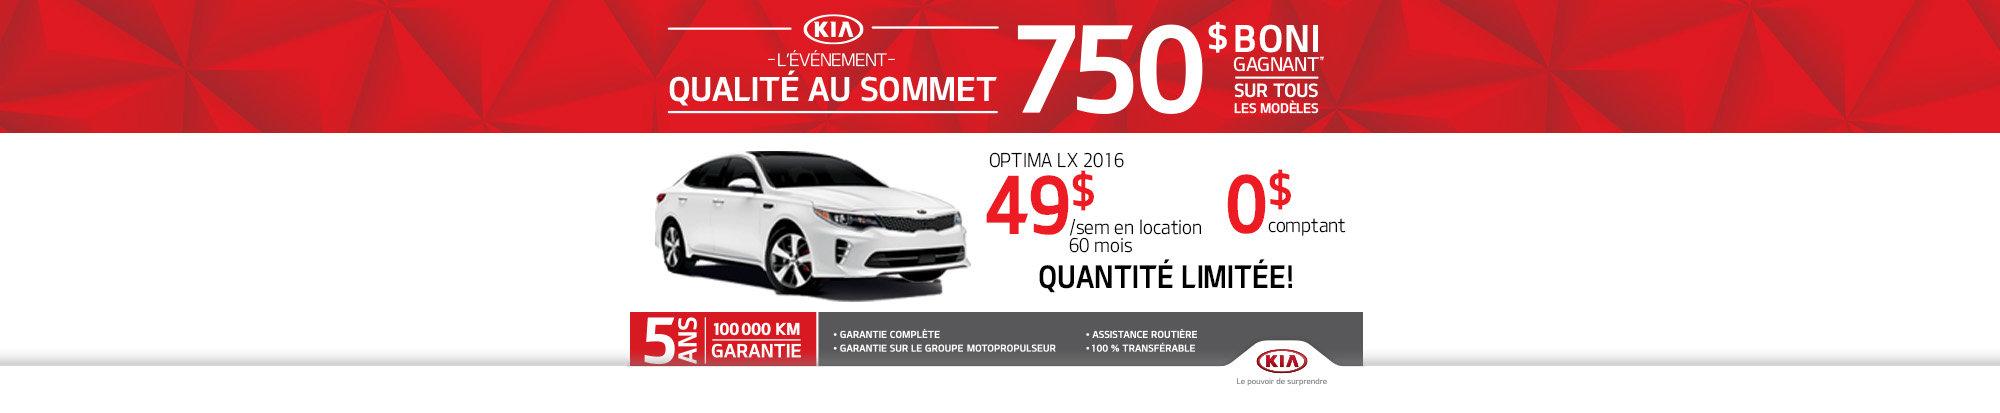 Qualité au sommet Kia: Kia Optima LX 2016